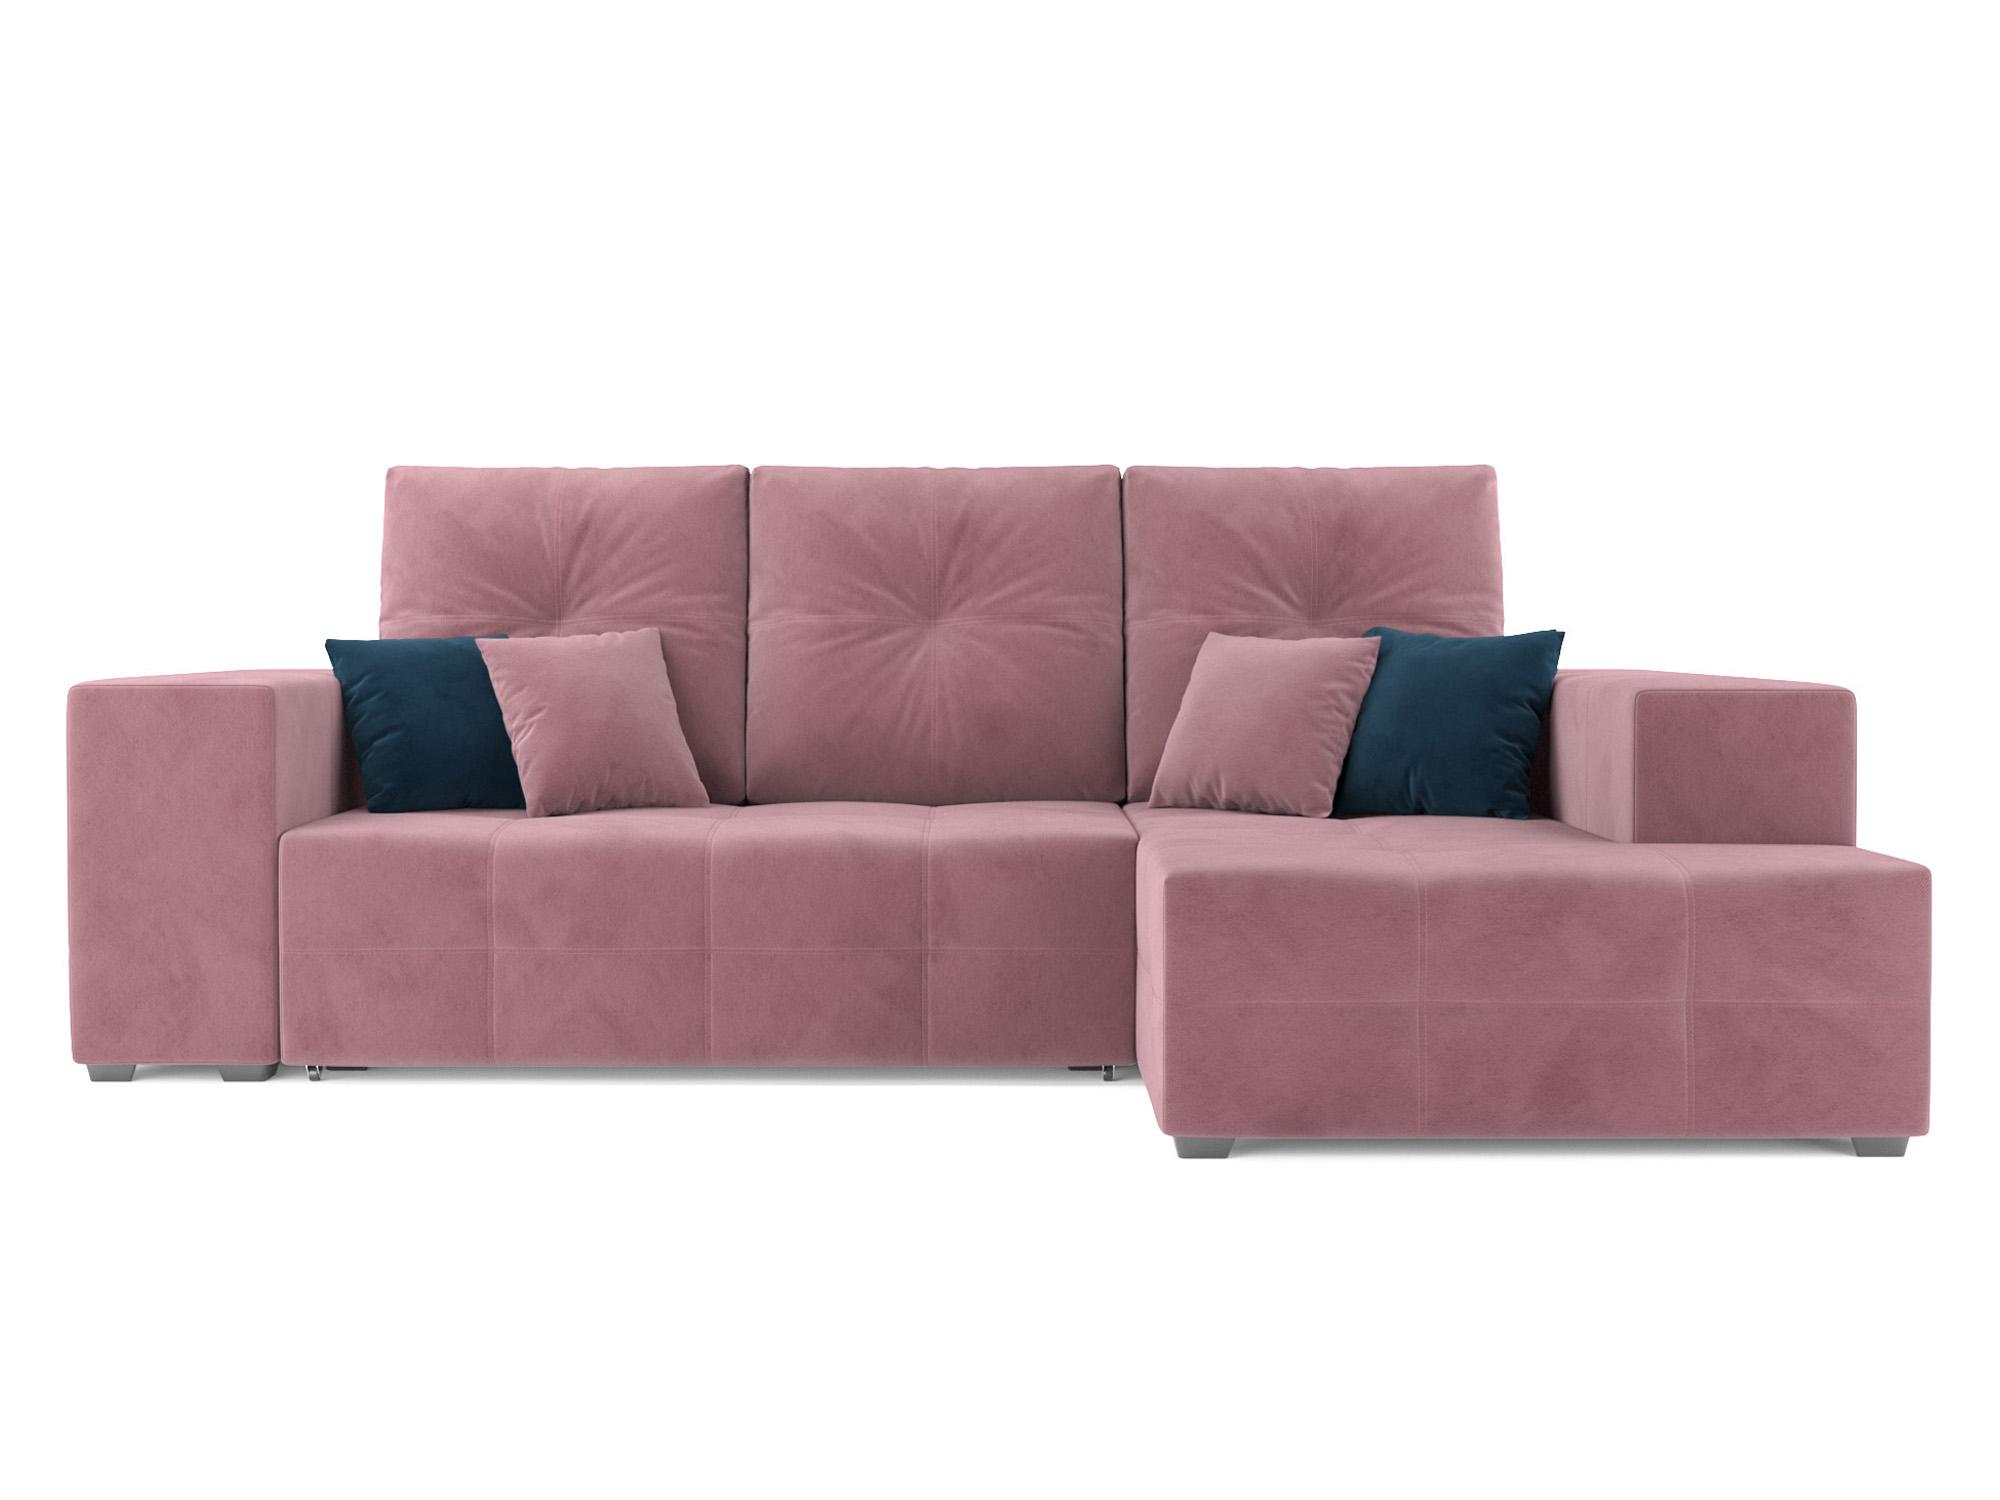 Угловой диван Монреаль Правый угол MebelVia Розовый, Велюр, ДСП, Брус Розовый